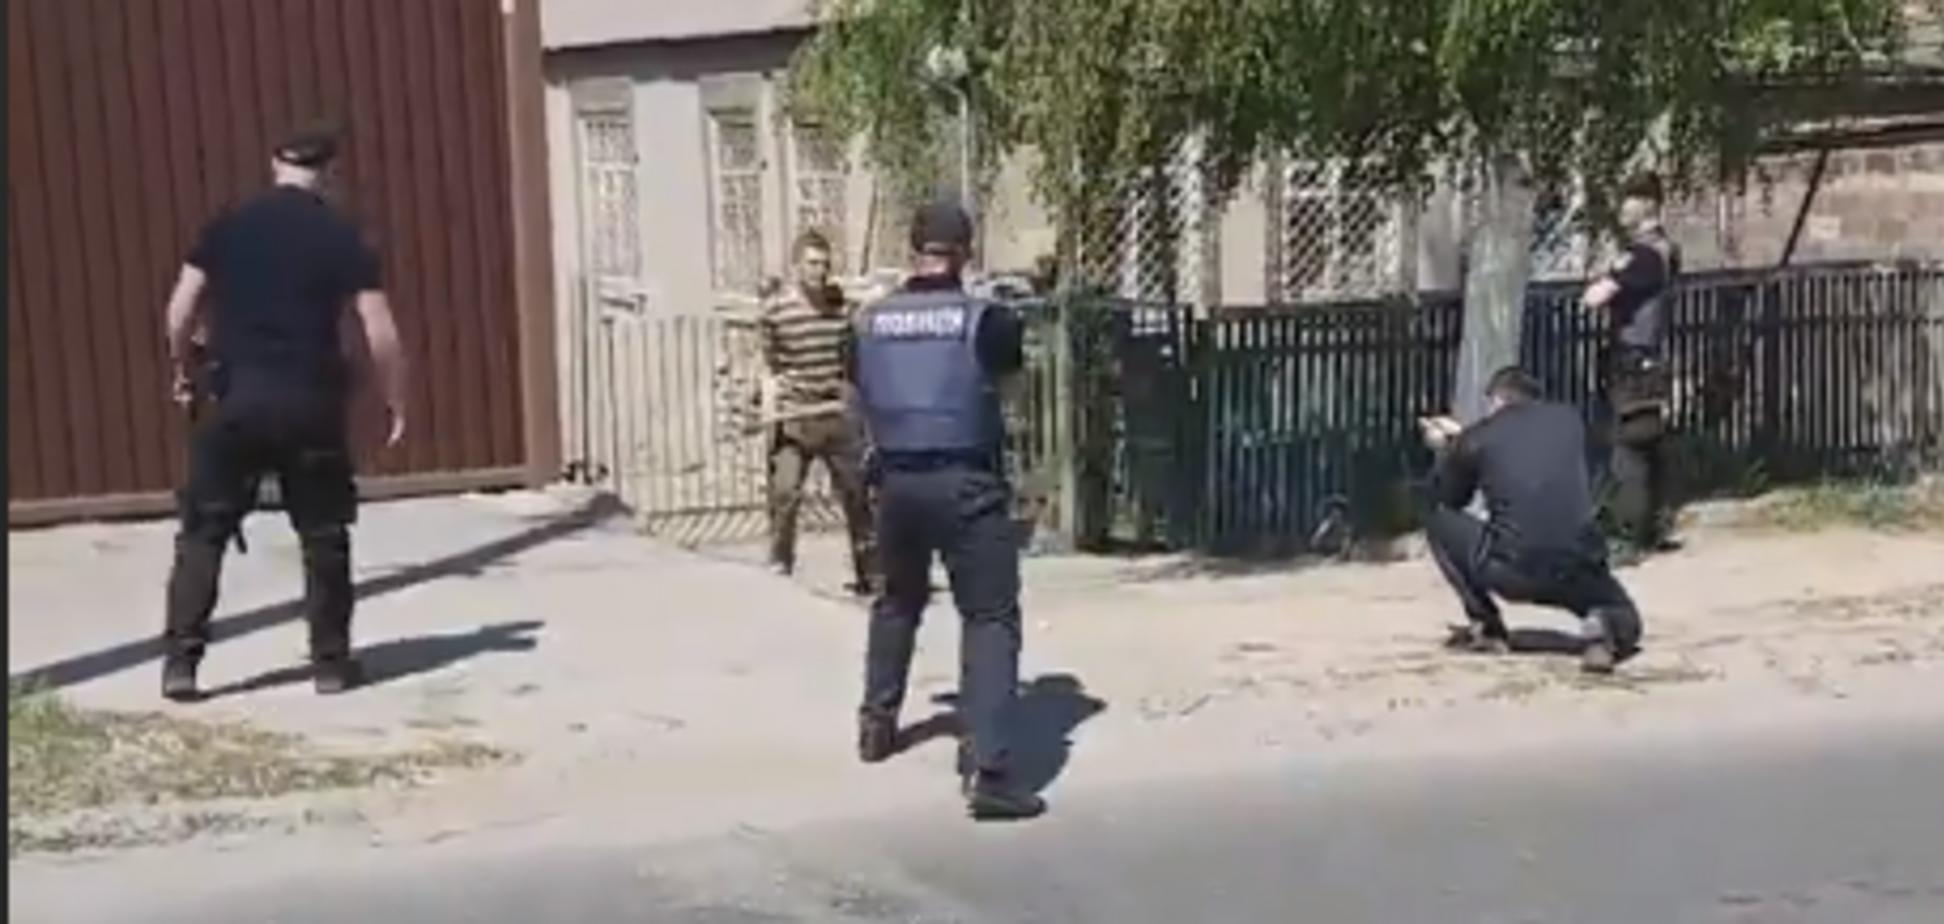 'Давали шанс до останнього': в Запоріжжі поліція стріляла в людину